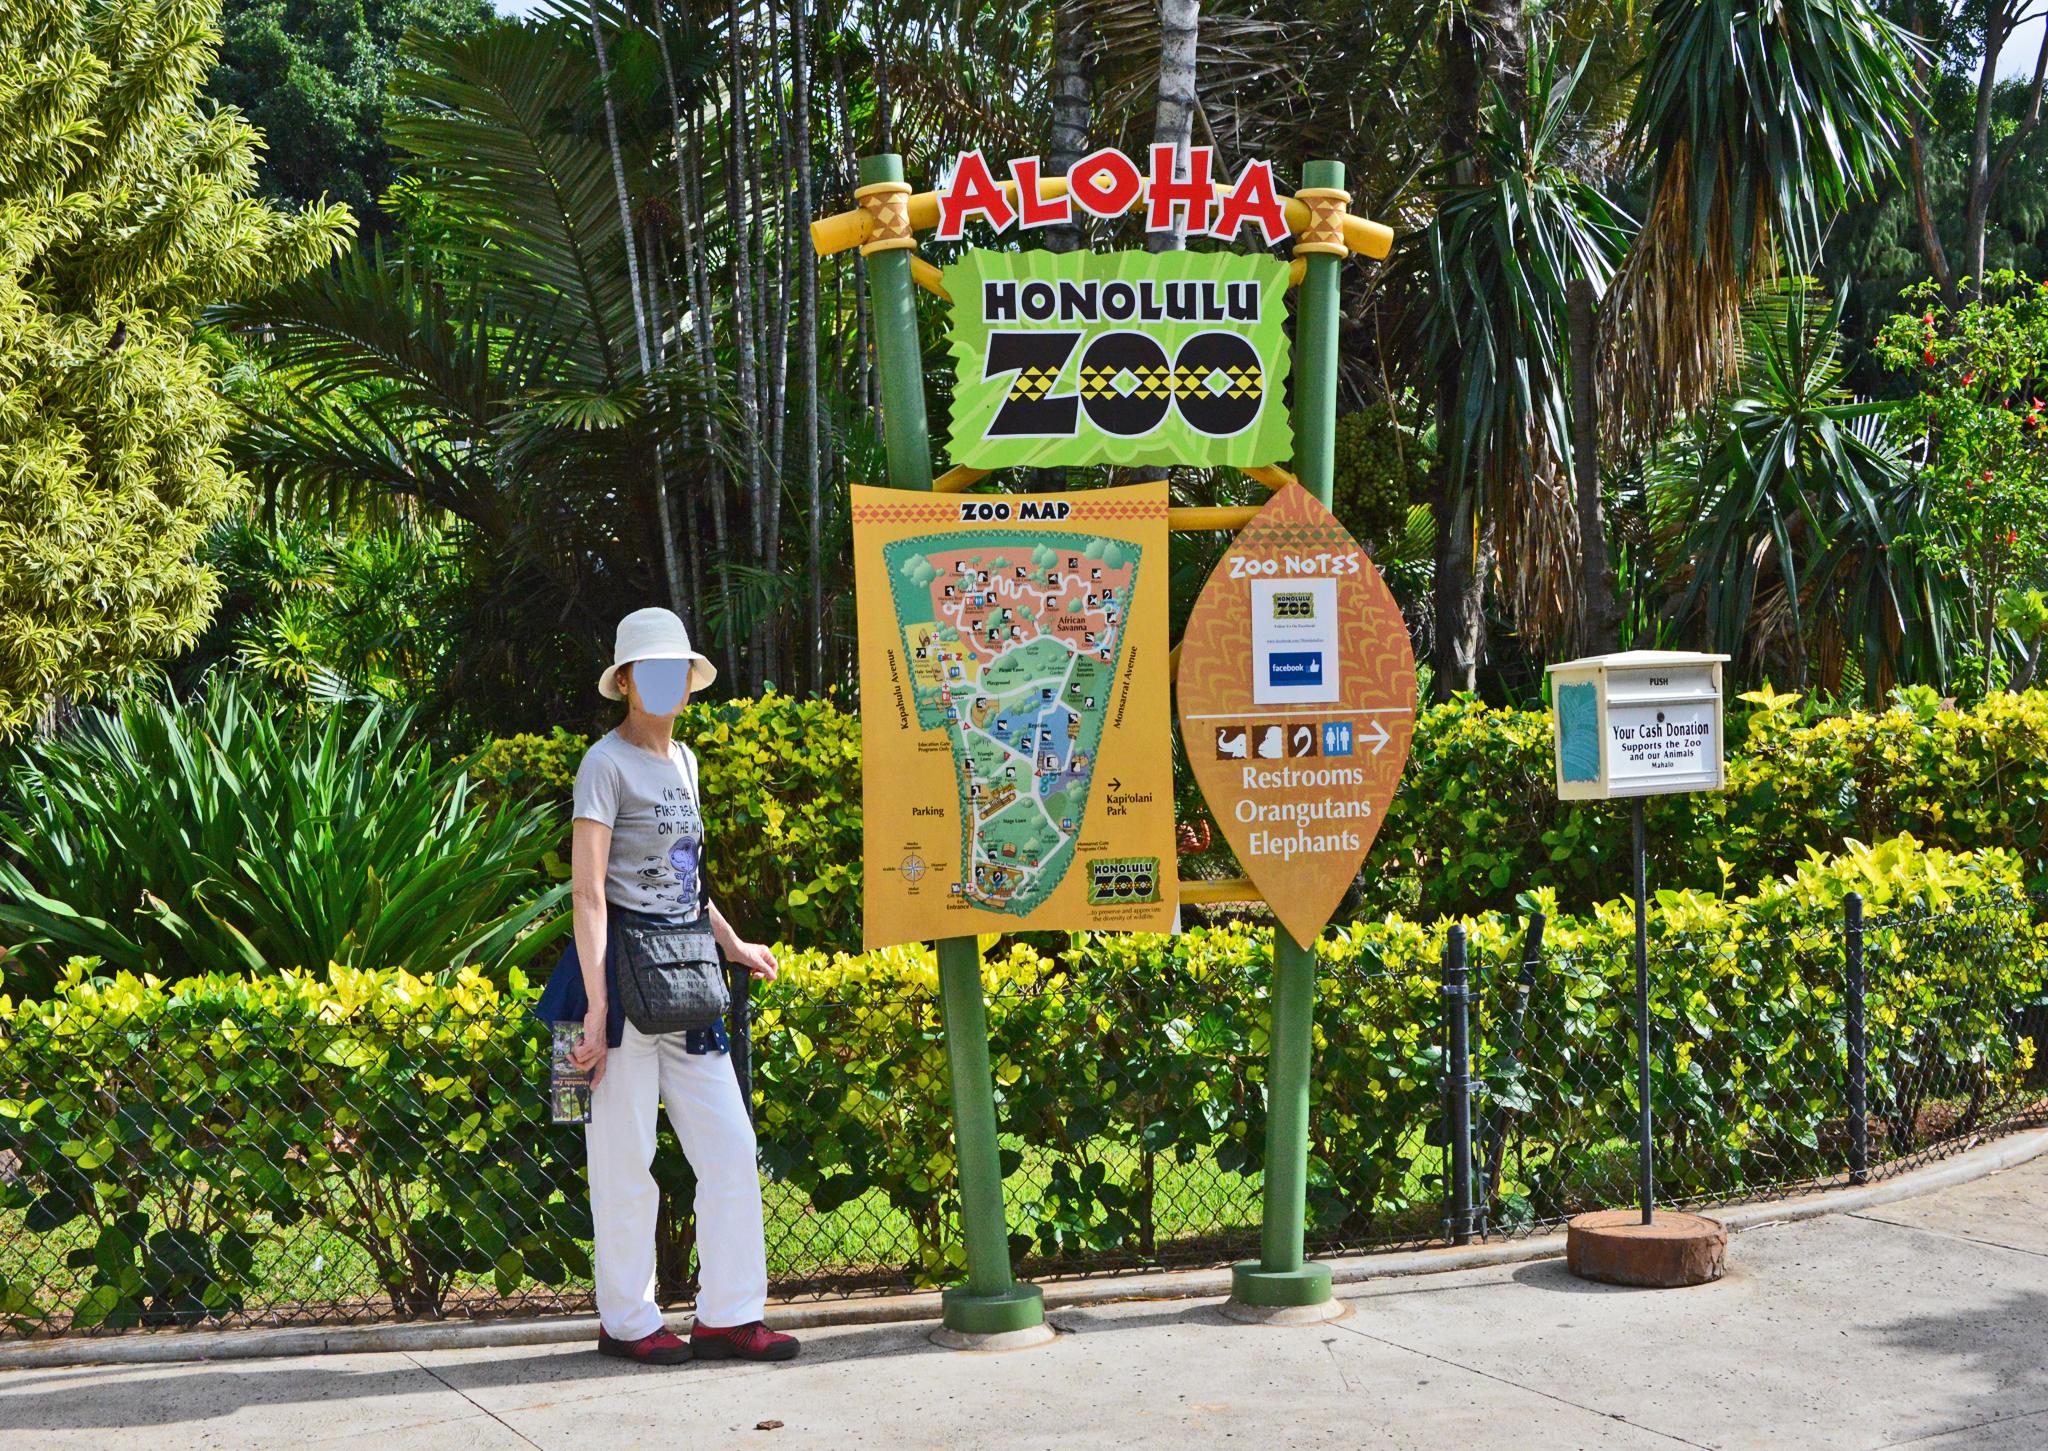 ⇑ ホノルル動物園 展示方法は若干日本と違うがあまり印象に残っていない